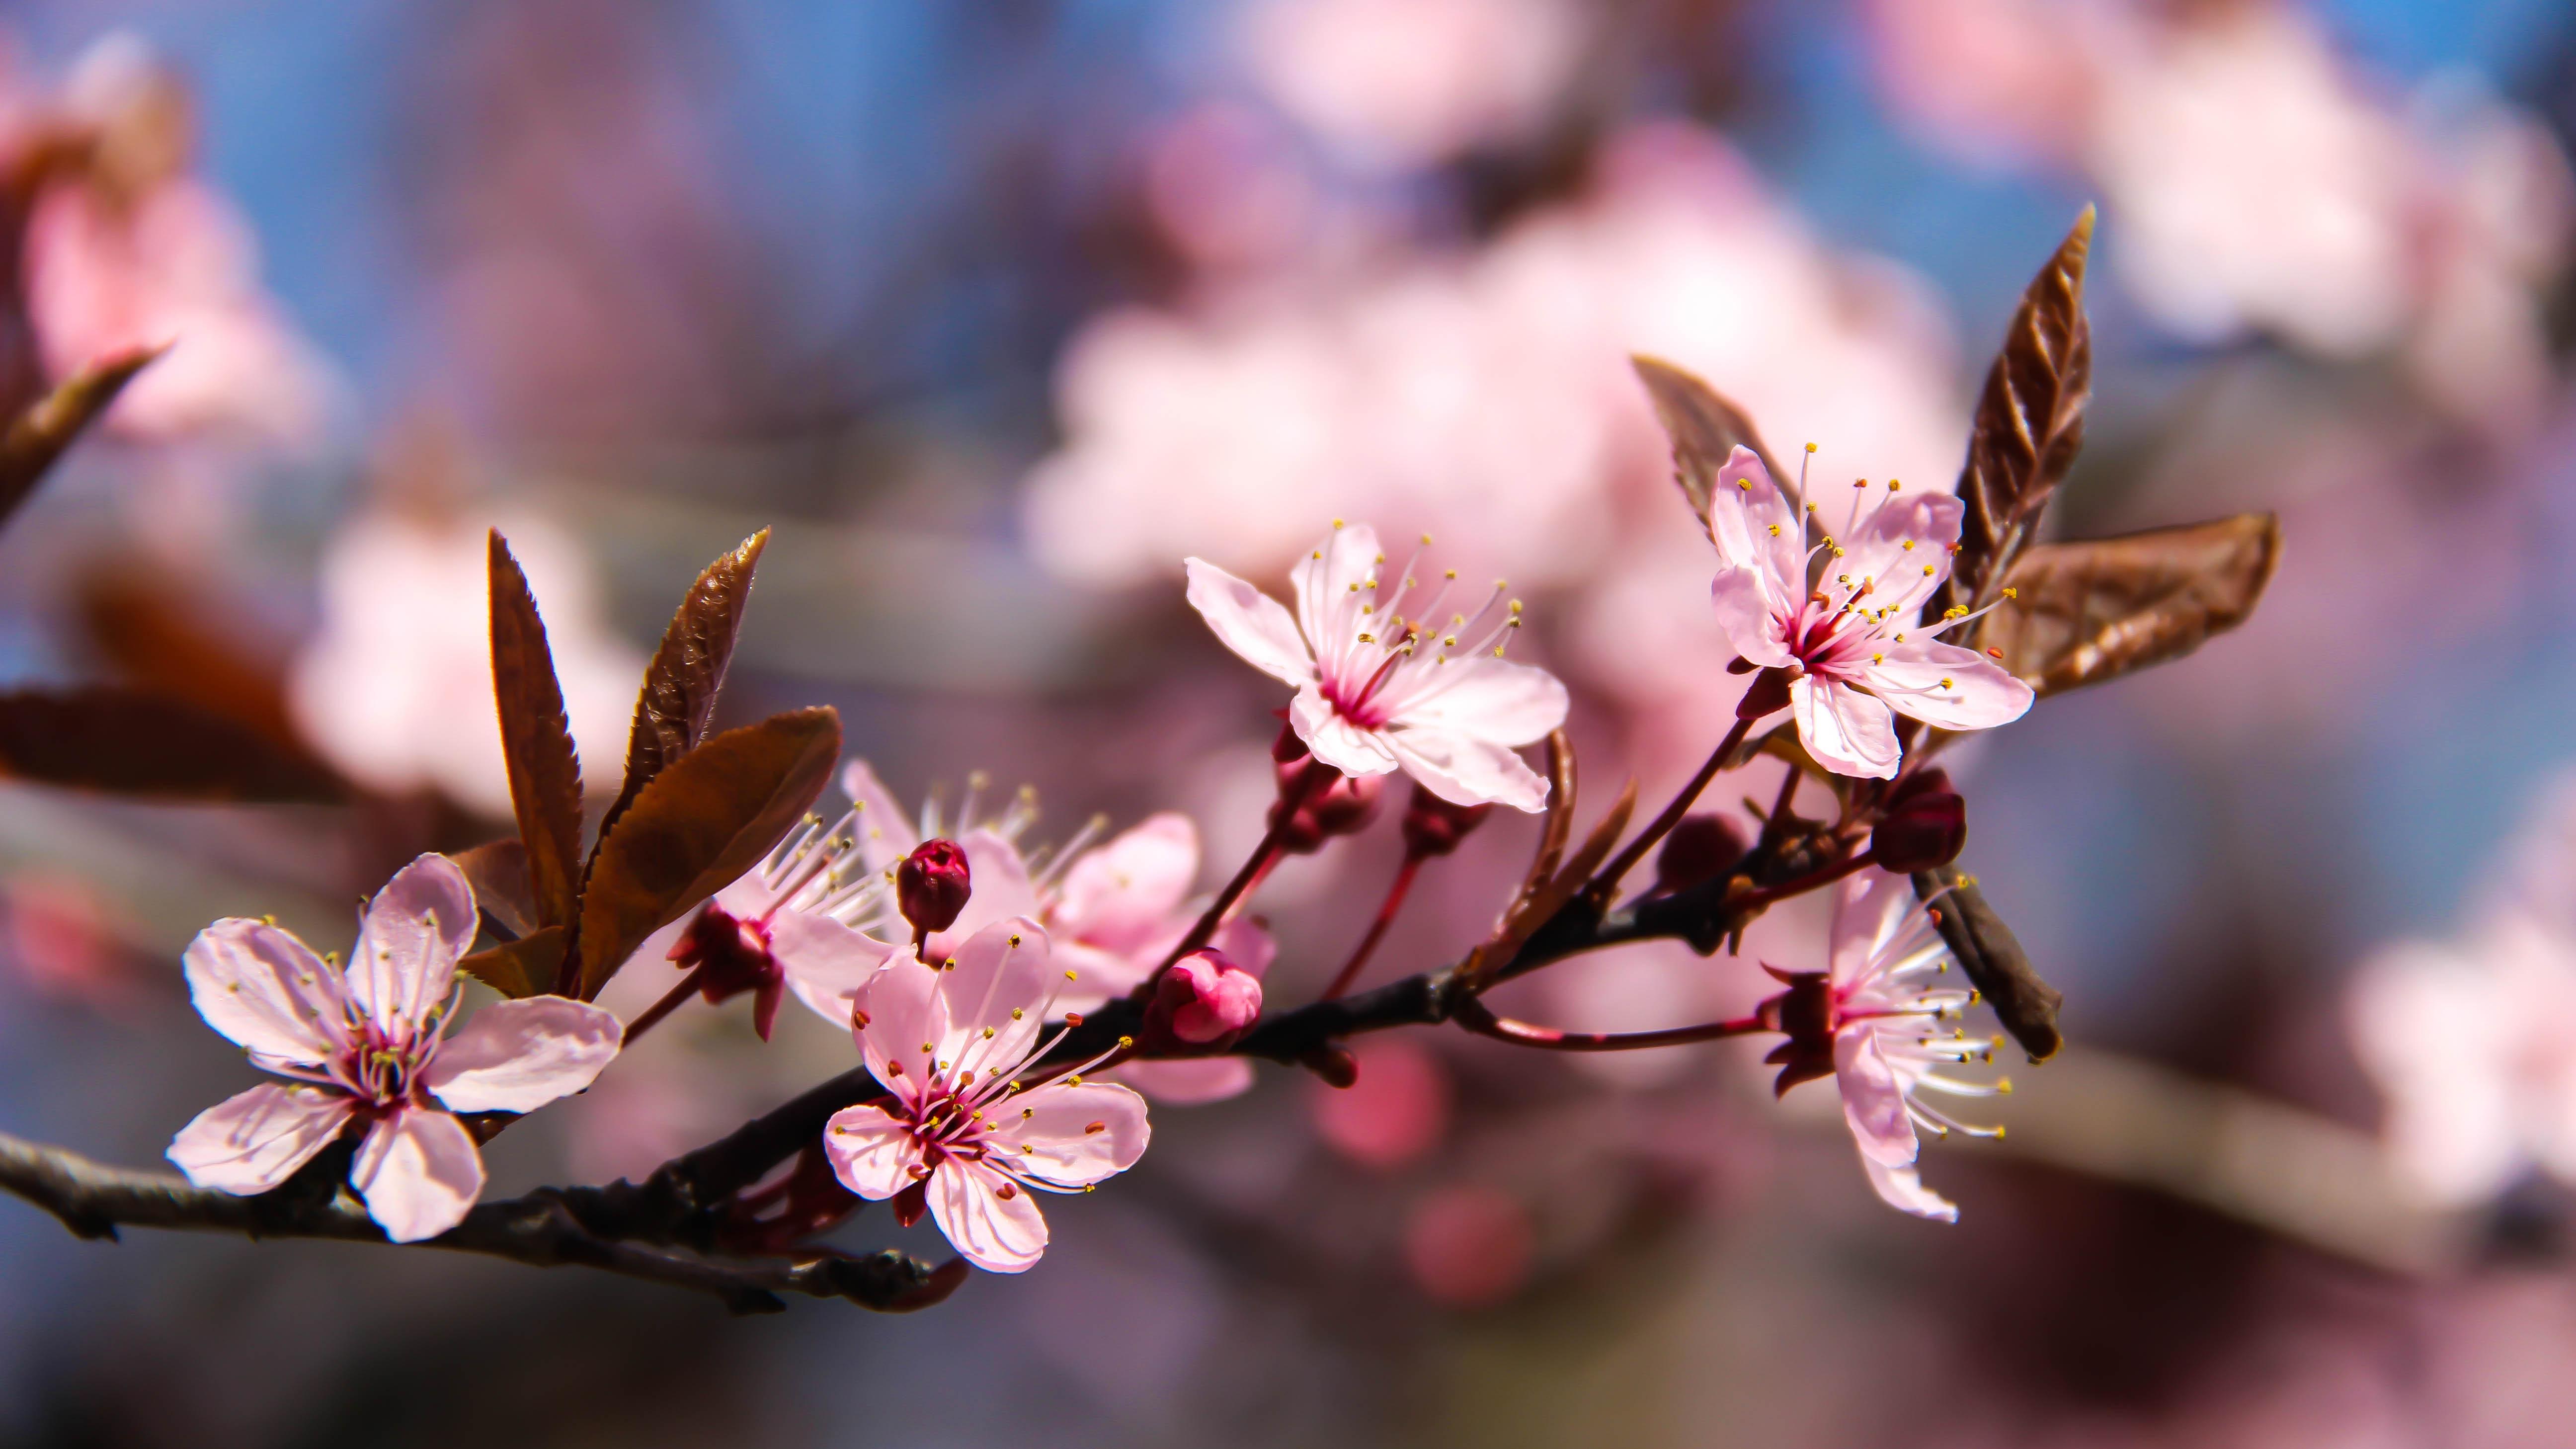 Sfondi Rosa Fiore Di Ciliegio Blomma K Rsb Rsblom Tumblr